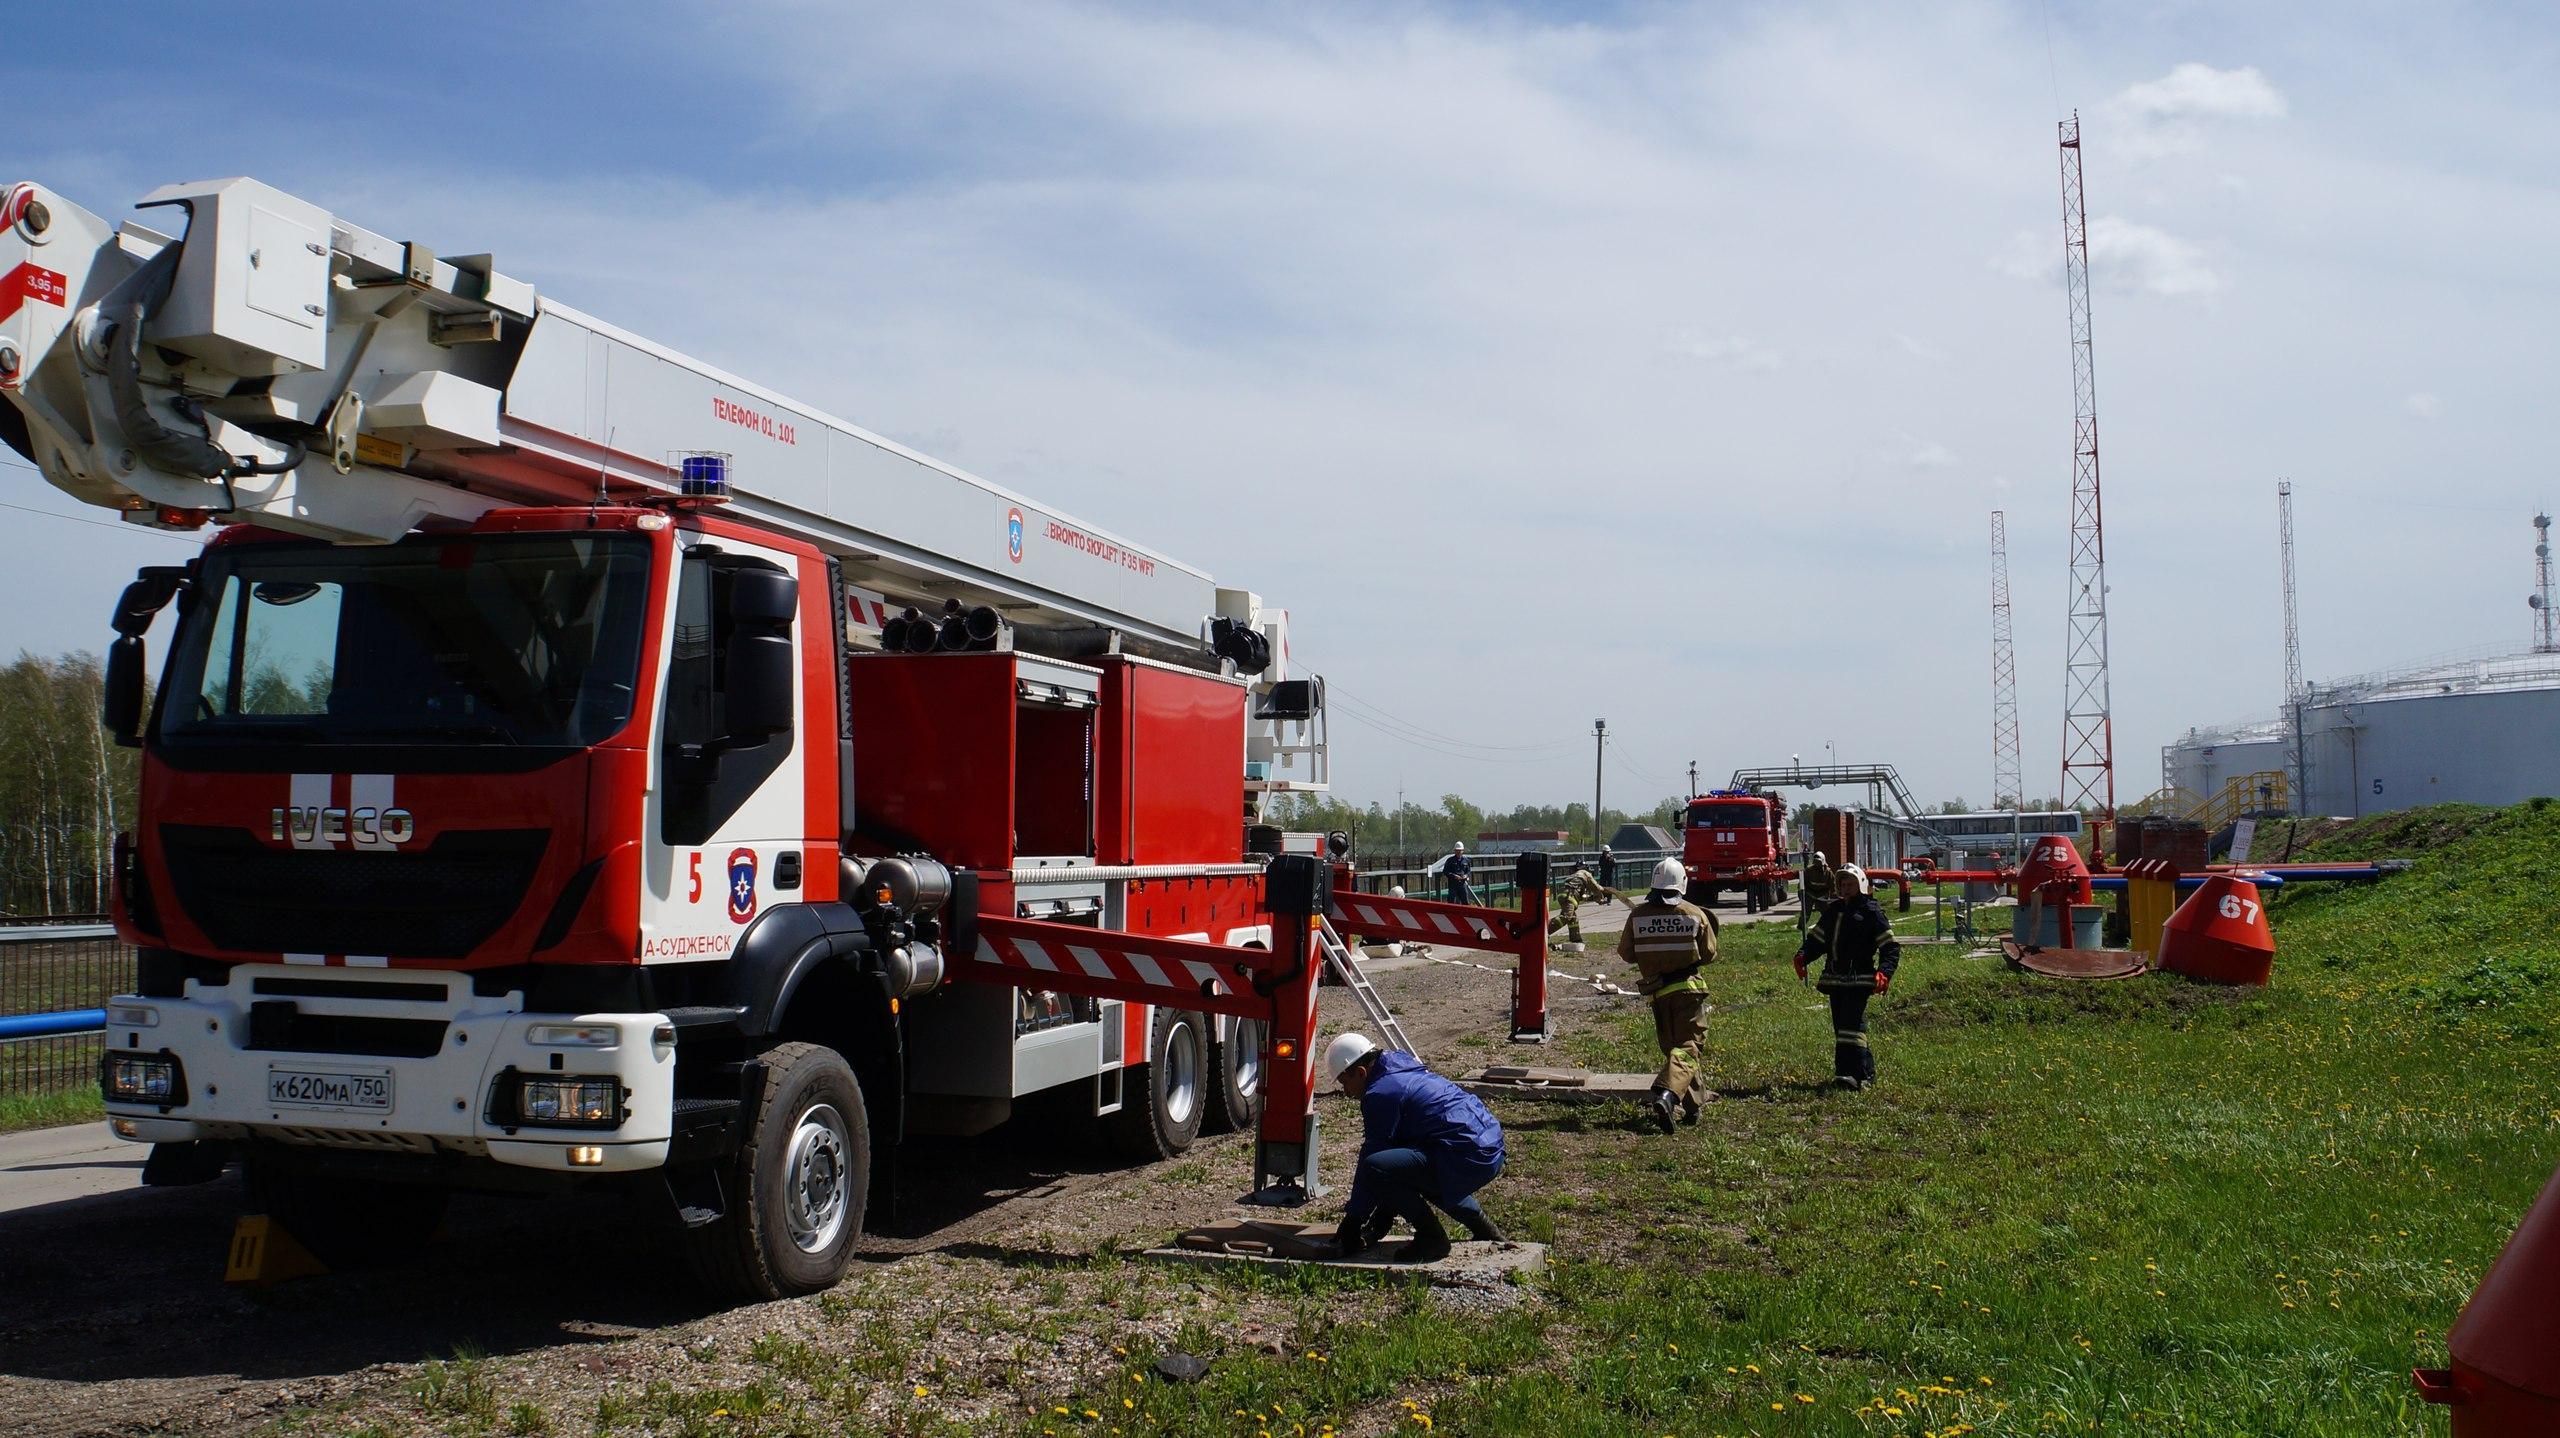 Запись слушателей на программу по подготовке спасателей